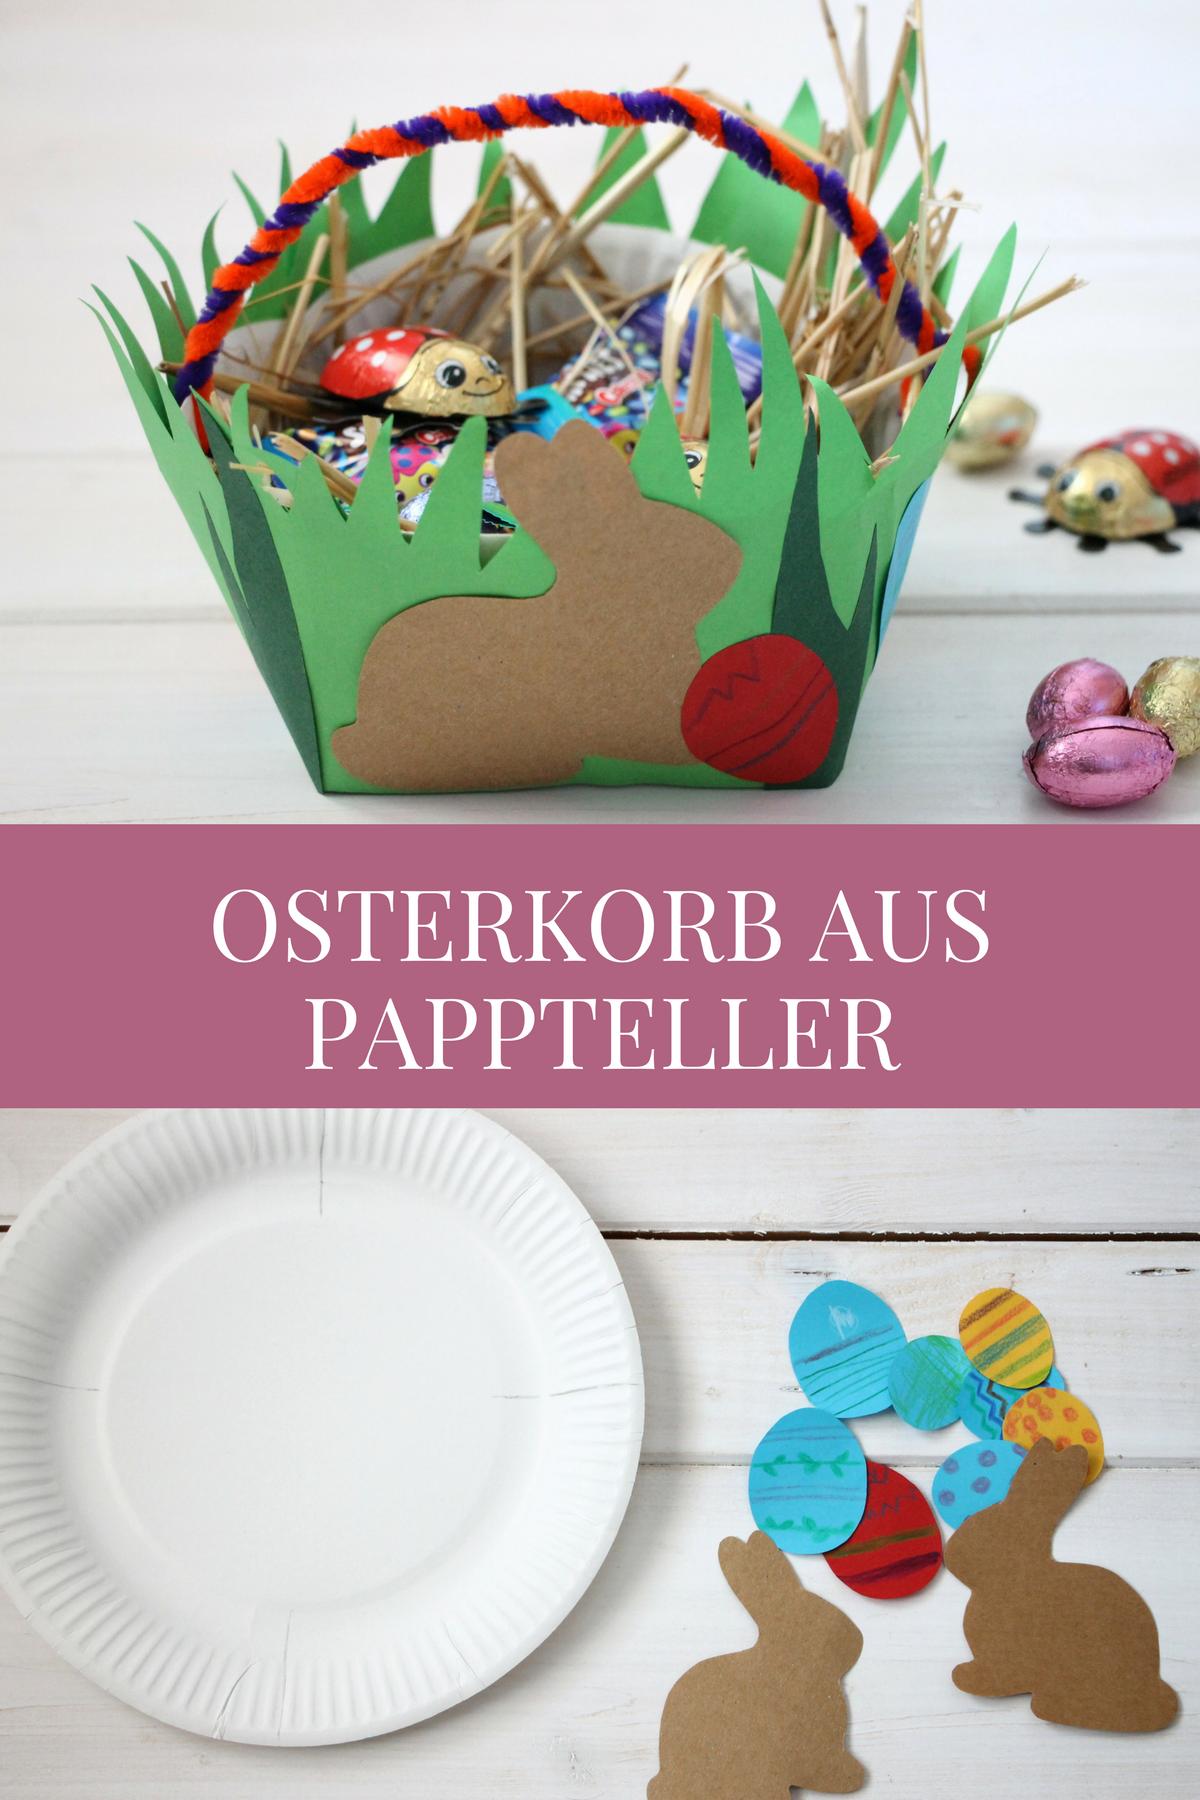 Photo of Håndverksidee til påske: papirplate påskekurver og ideer til påskeegave (inkludert konkurranse)